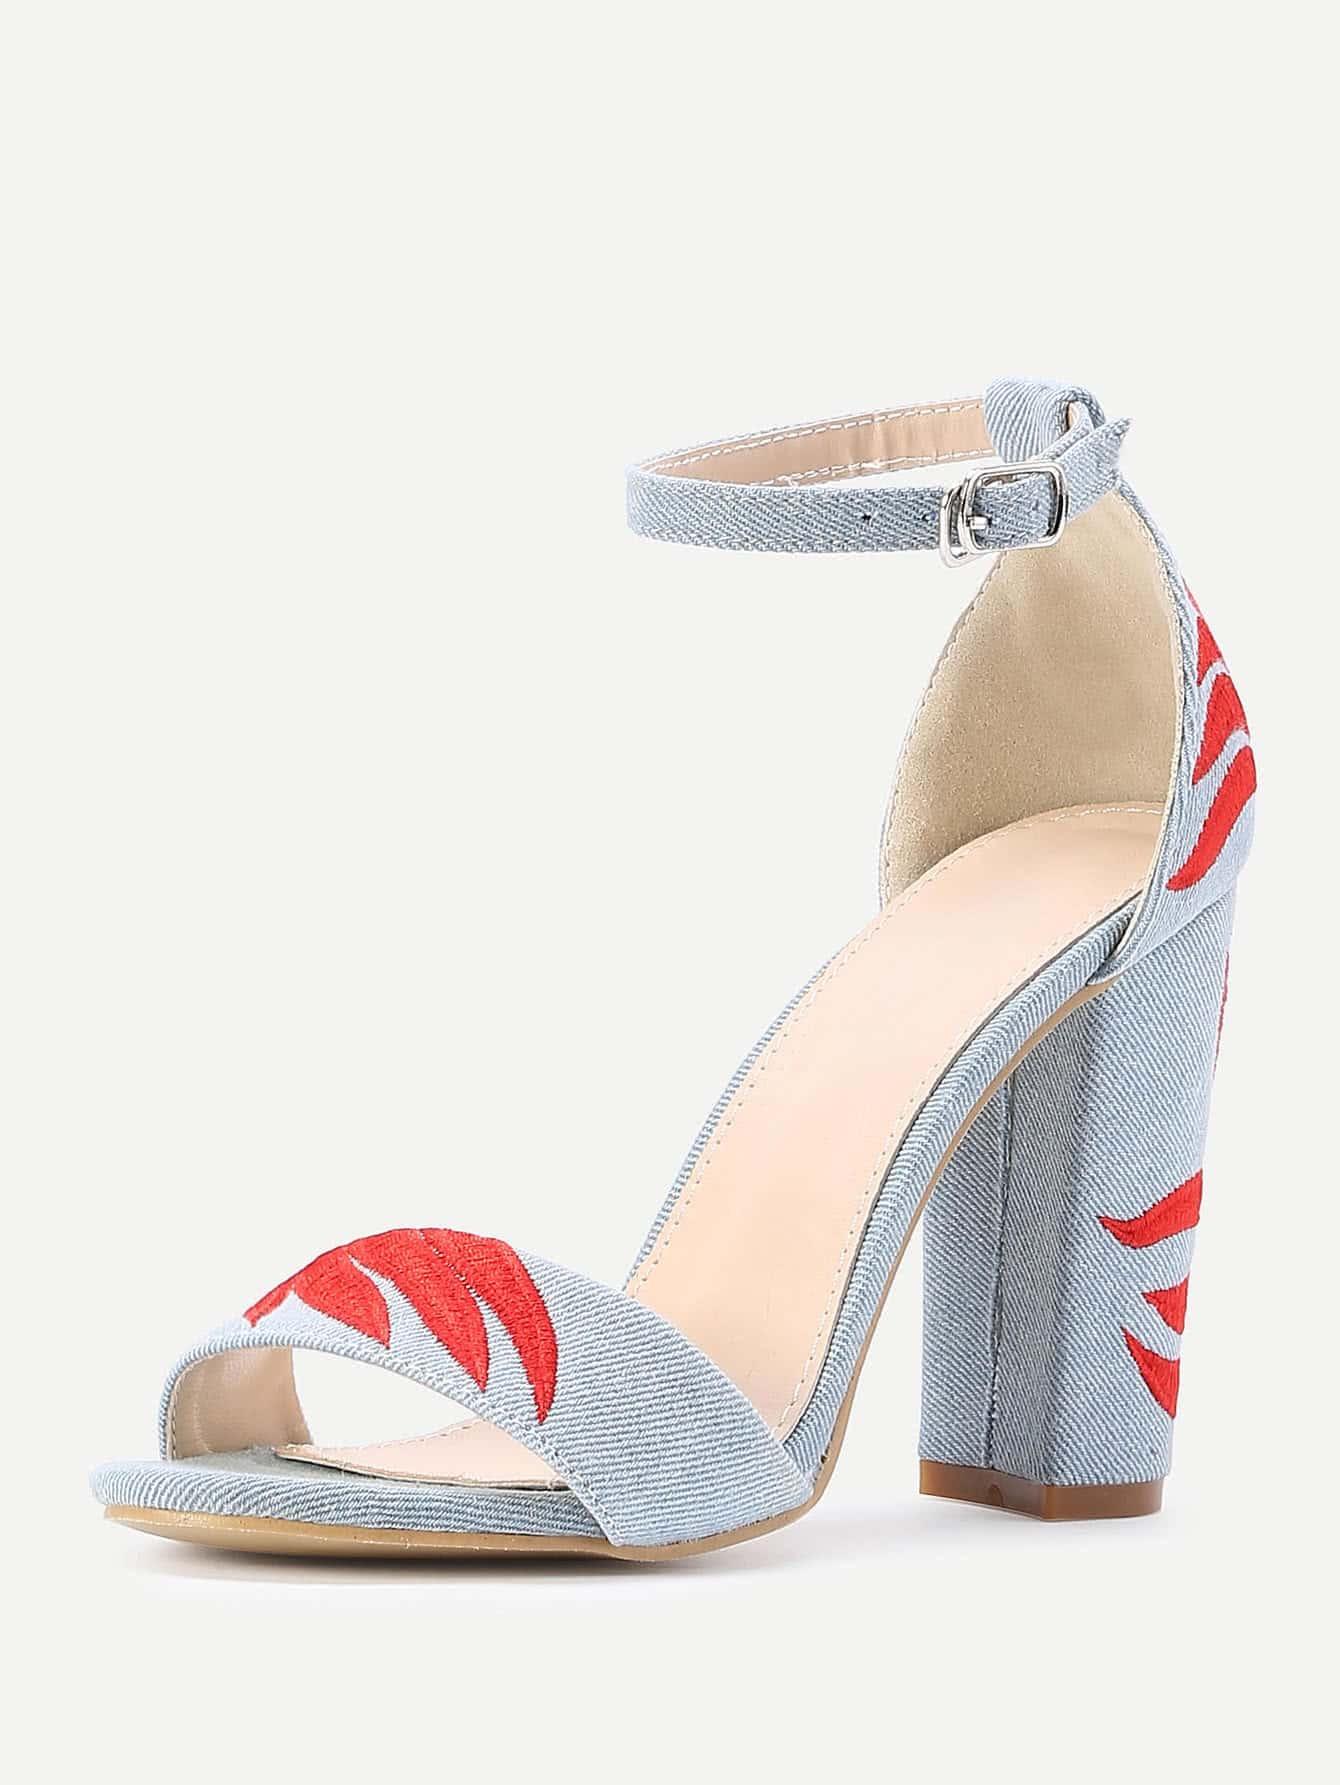 shoes170519814_2